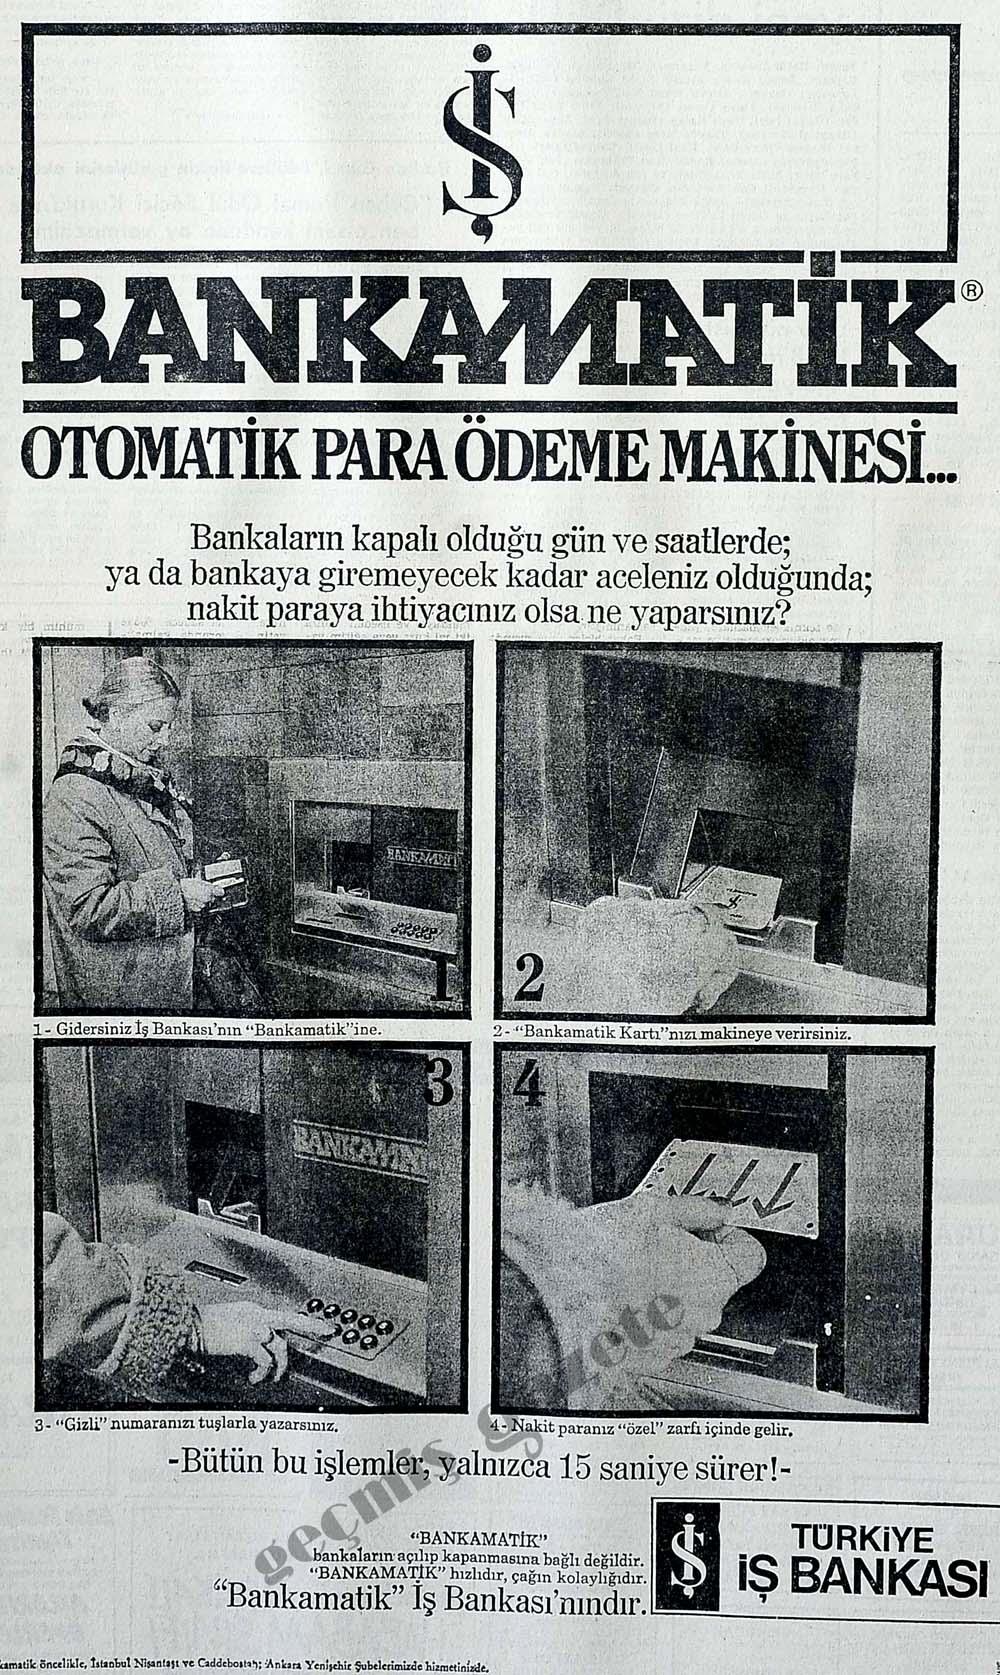 Bankamatik Otomatik Para Ödeme Makinesi...